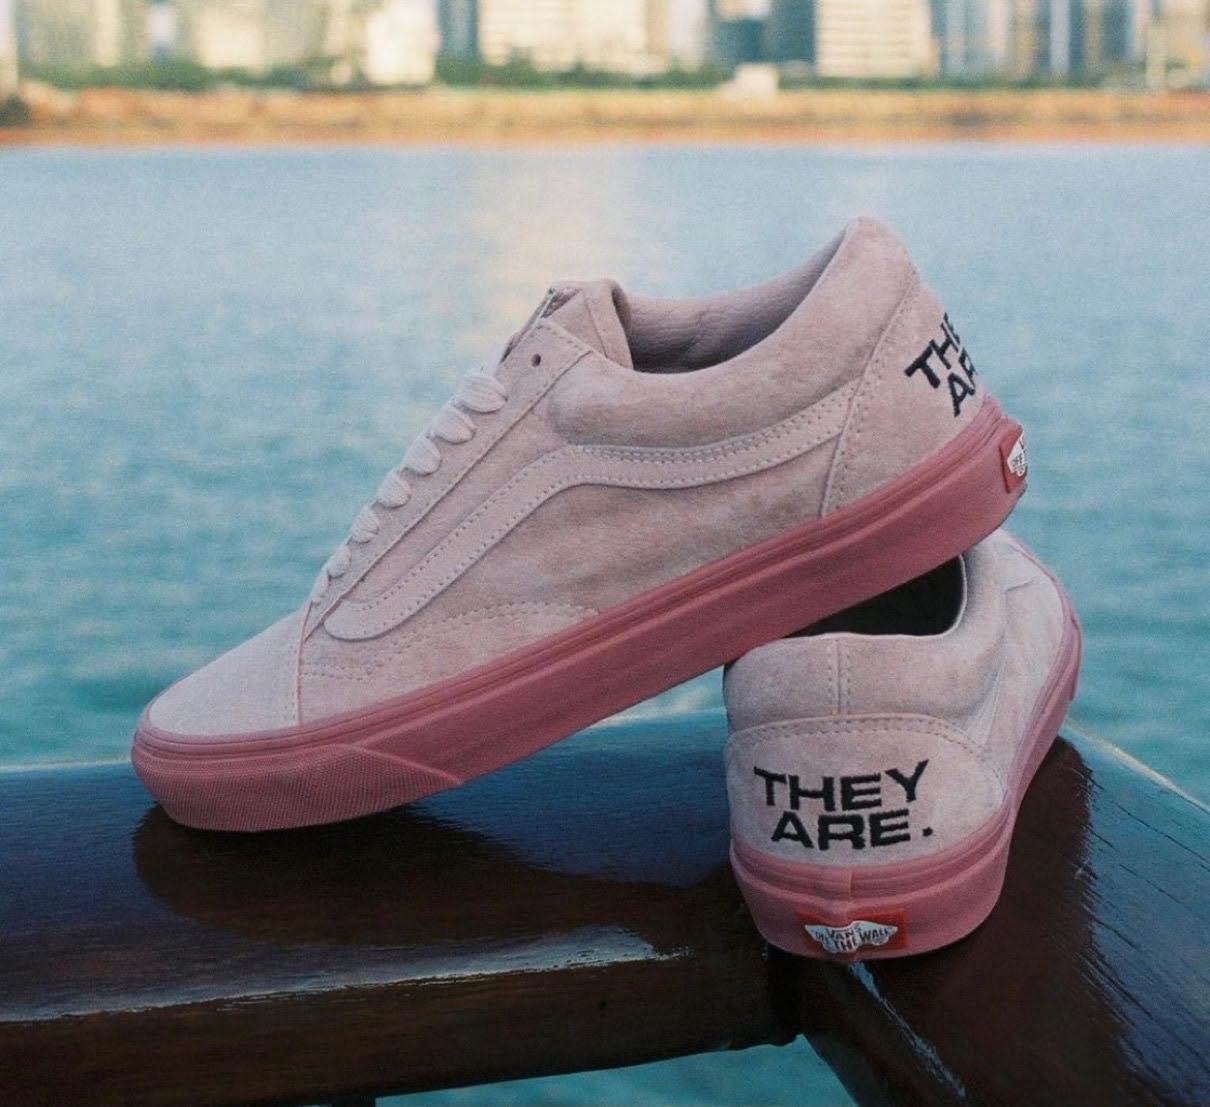 """バンズ x ゼイ アー """"ザ イヤー オブ ザ OX"""" コレクション vans-they-are-the-yaer-of-the-ox-collection-oldskool-pink-look"""